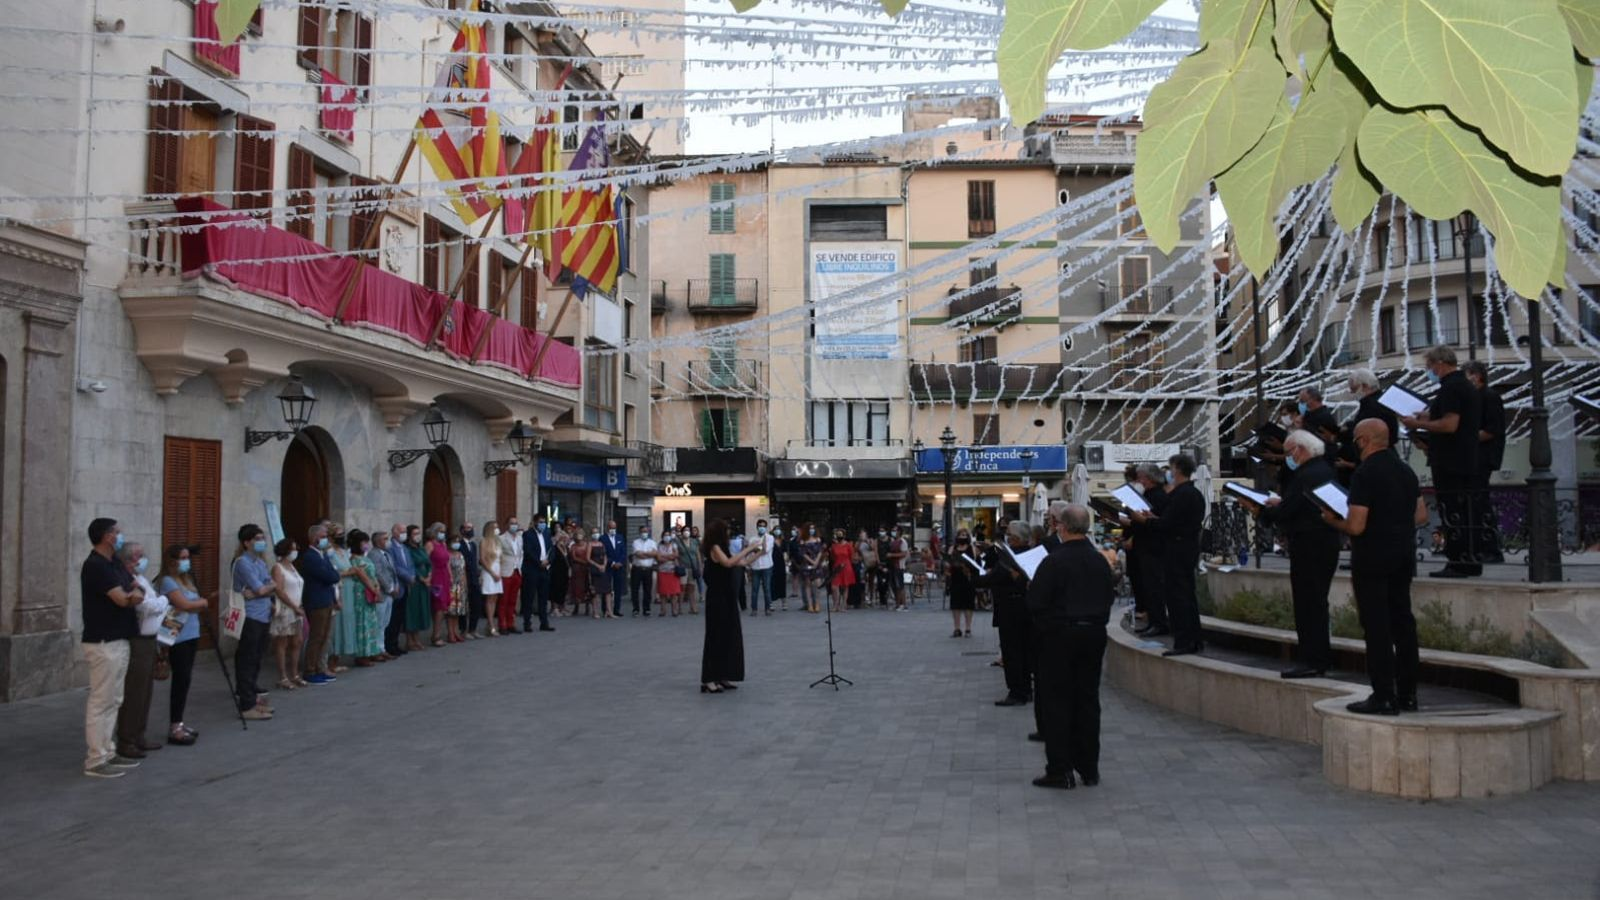 Actuació de l'Orfeó l'Harpa d'Inca, davant la casa consistorial.